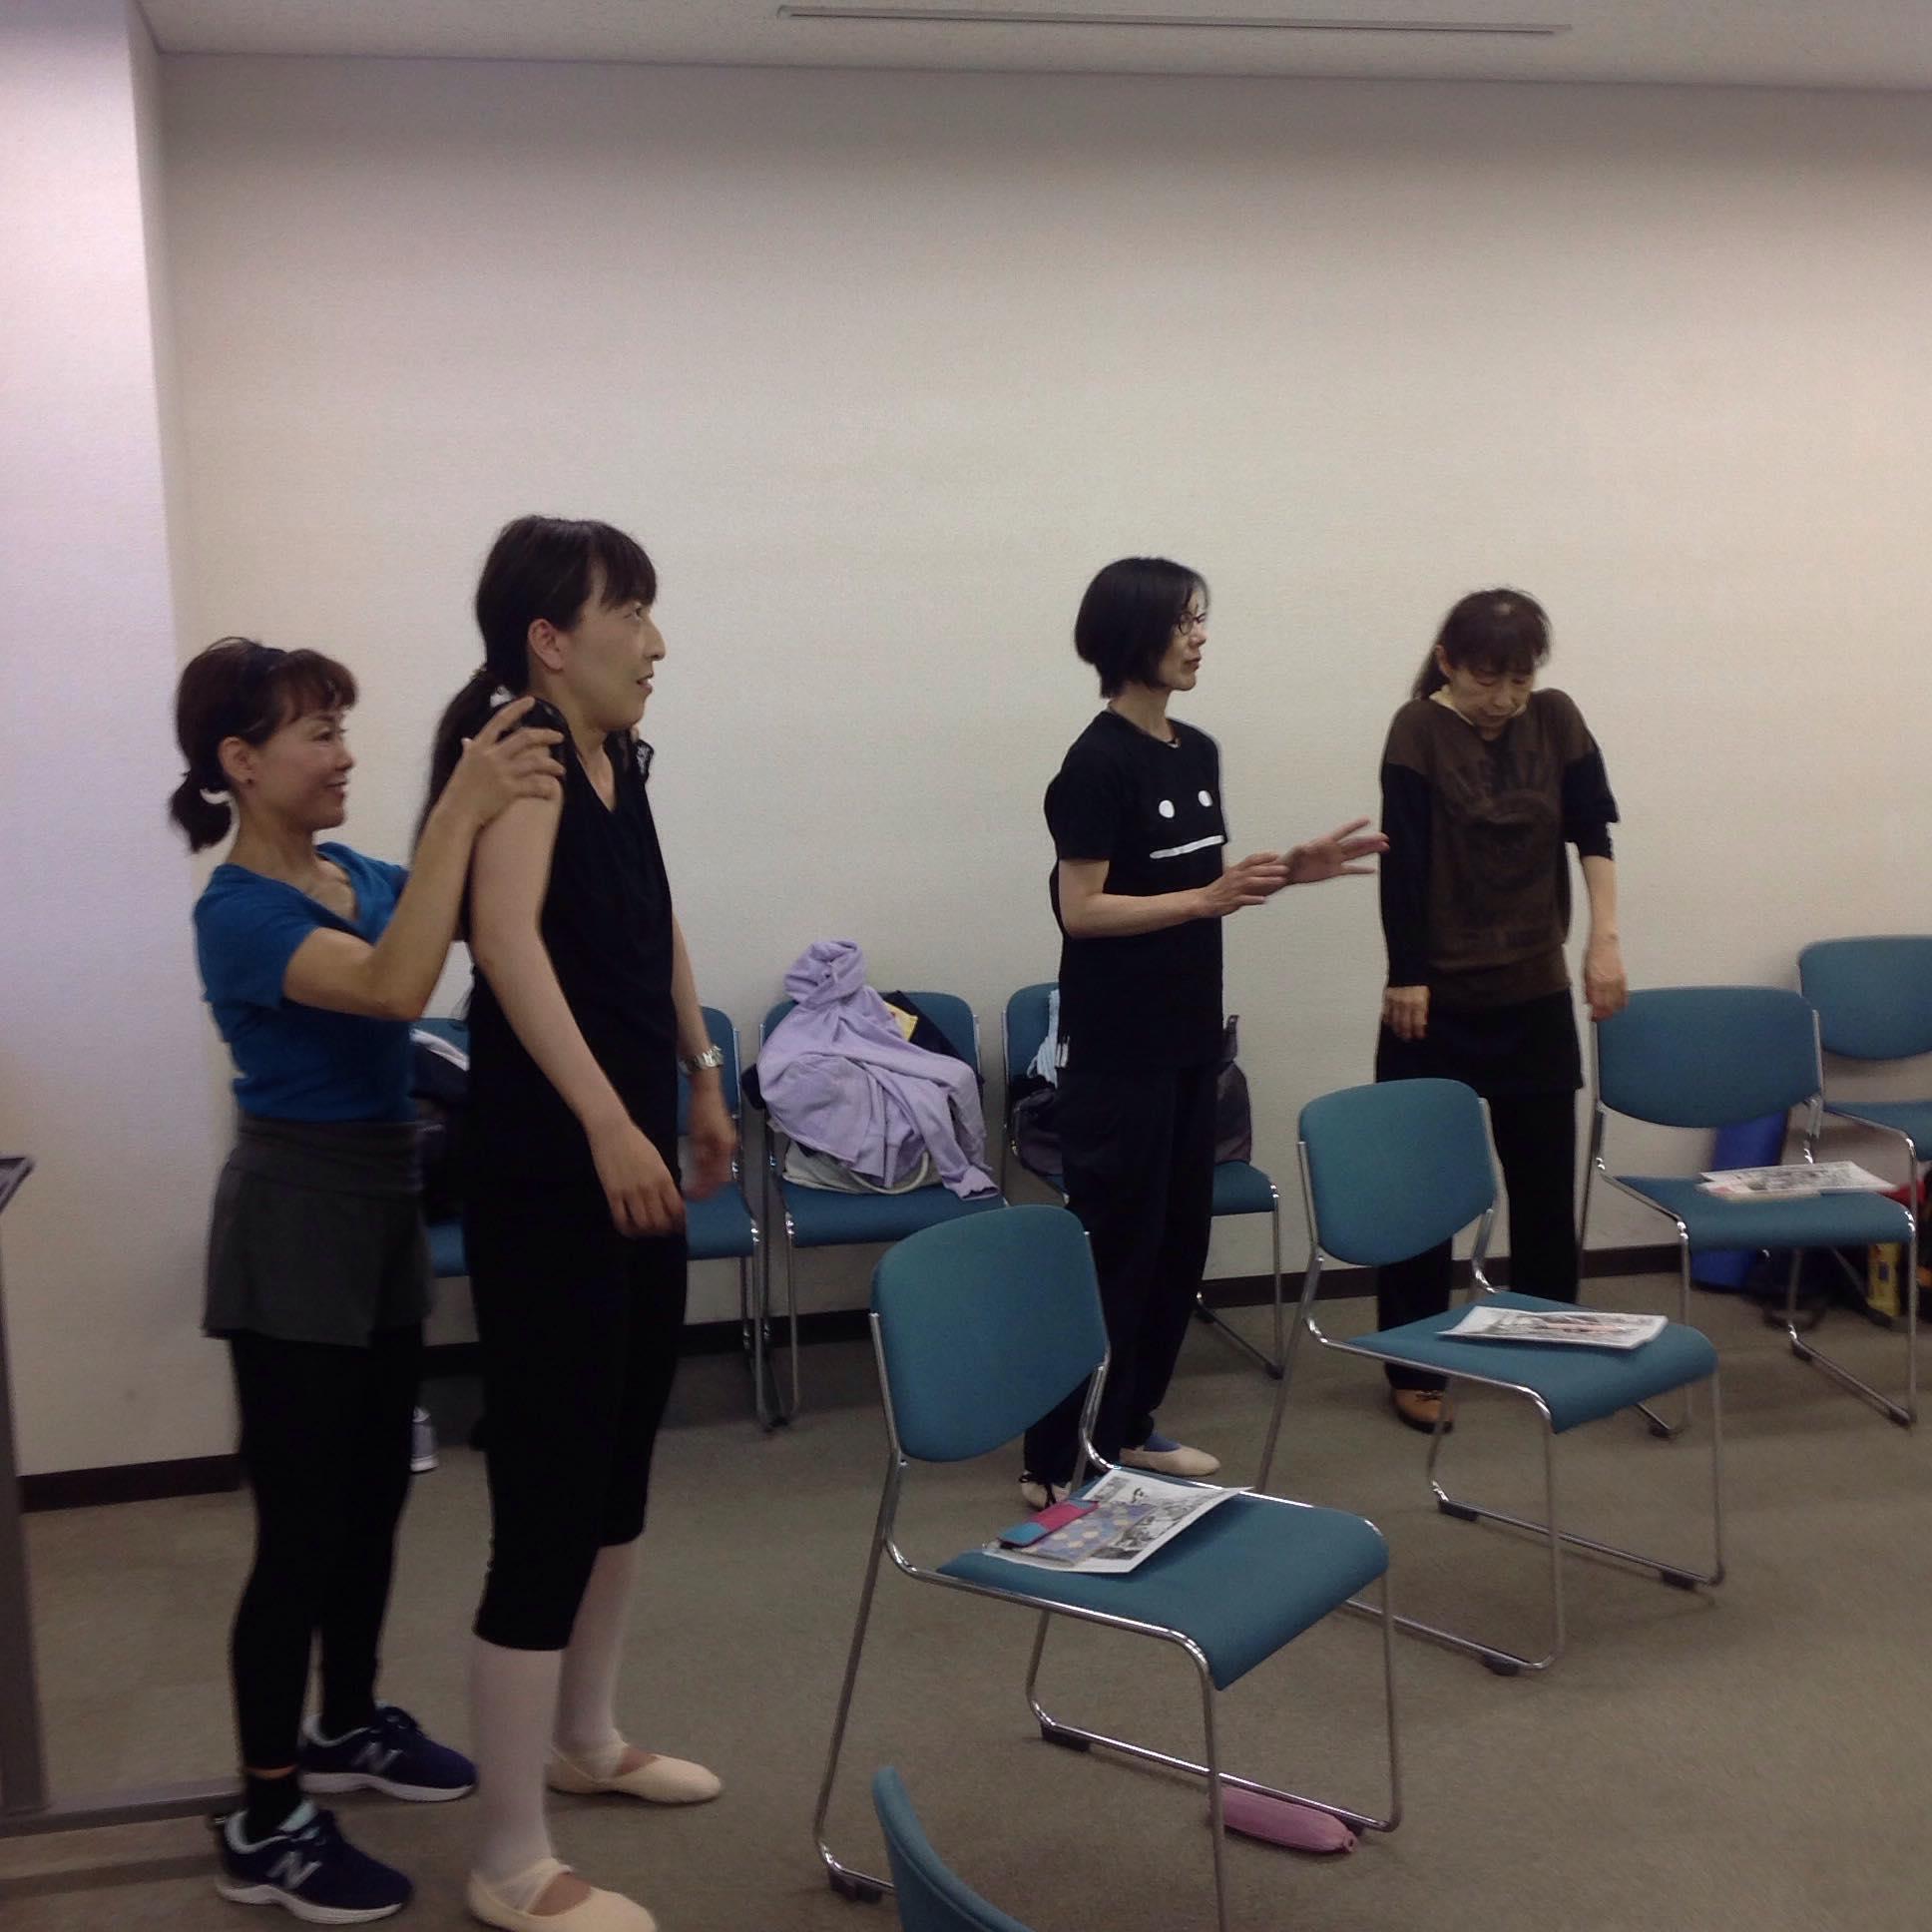 神戸カラダの座学3・てあて整体スクール